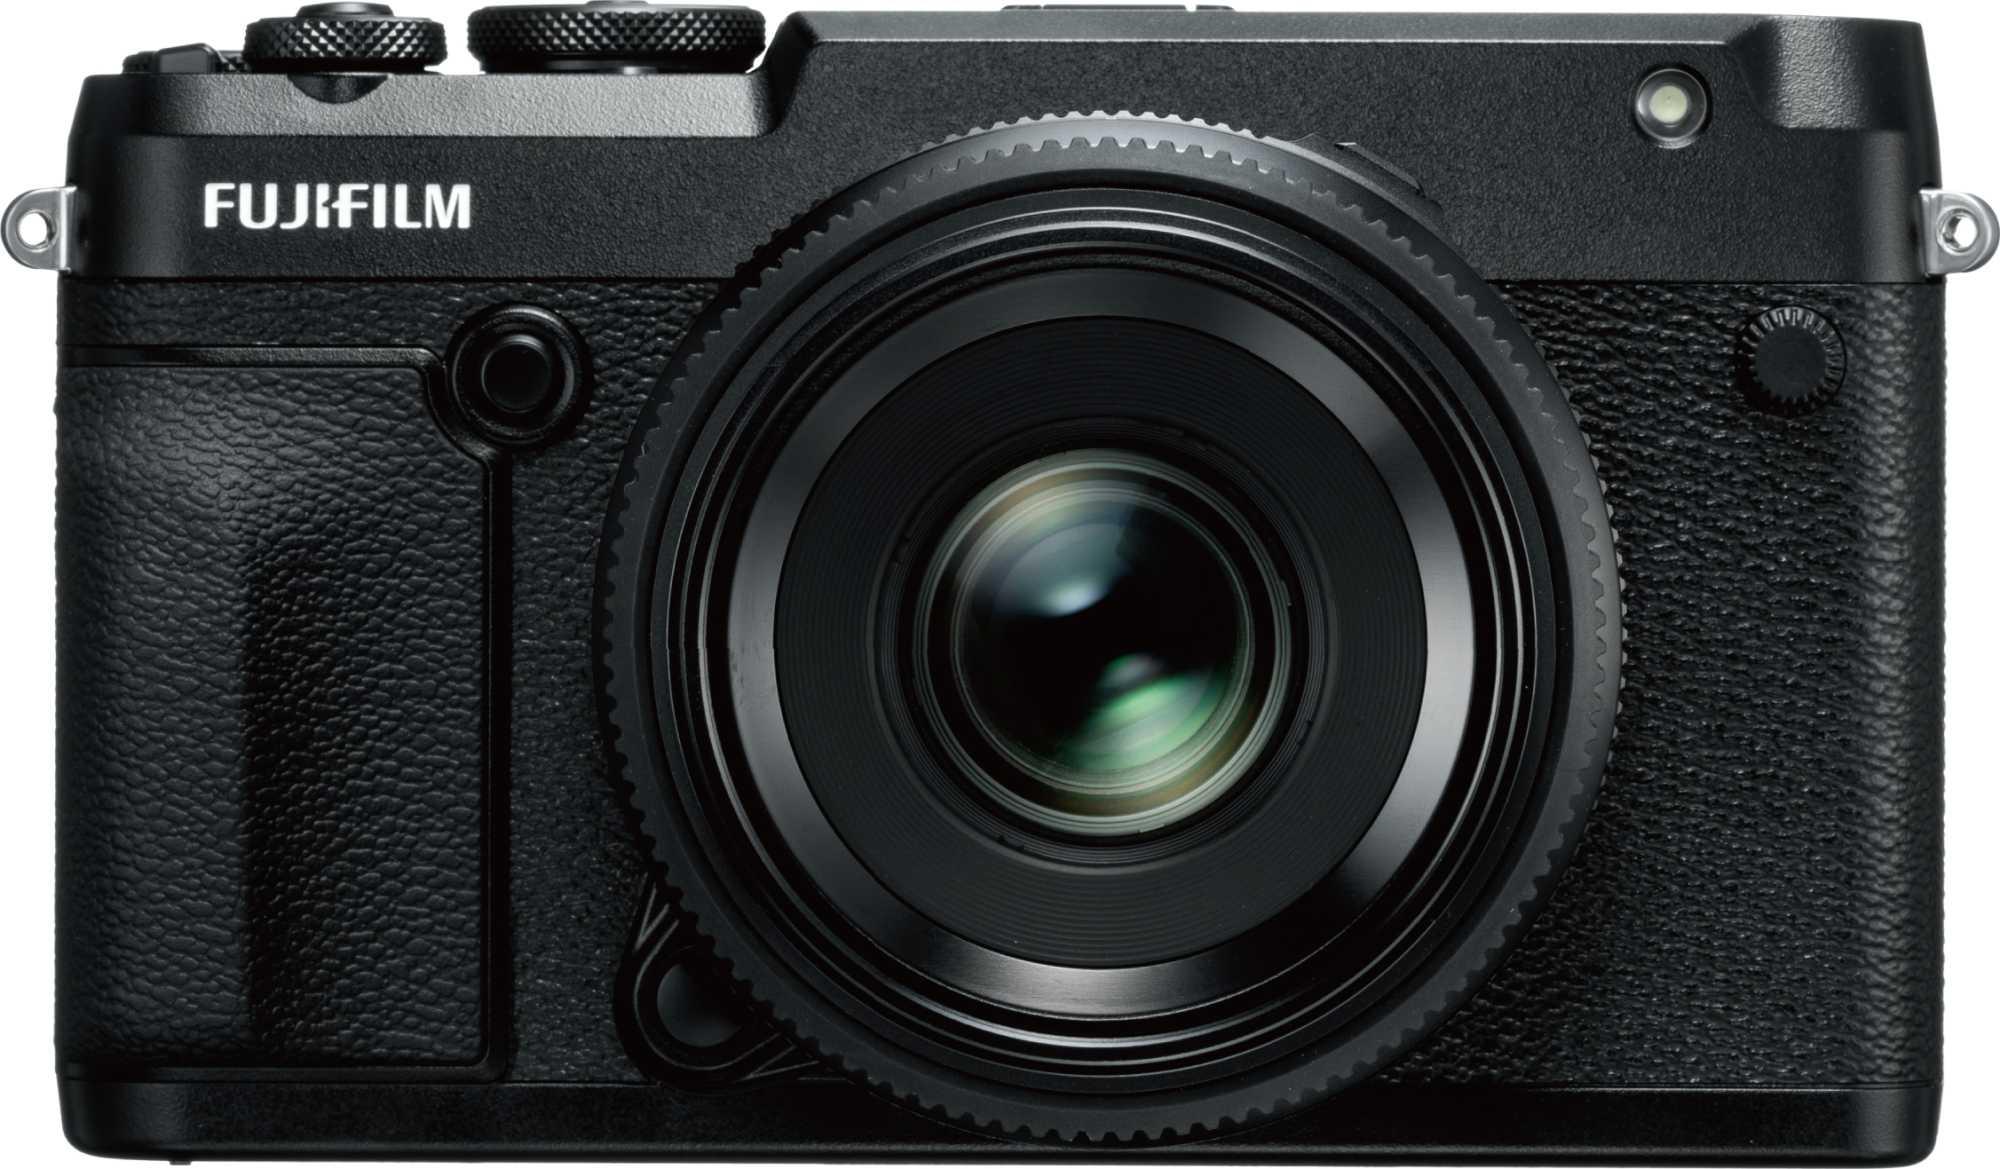 Fujifilm überspringt mit seinen spiegellosen Systemkameras der GFX-Serie das Vollformat. Der Sensor der GFX 50R misst 43,8 × 32,9 Millimeter. Fujifilm selbst spricht von Supervollformat.